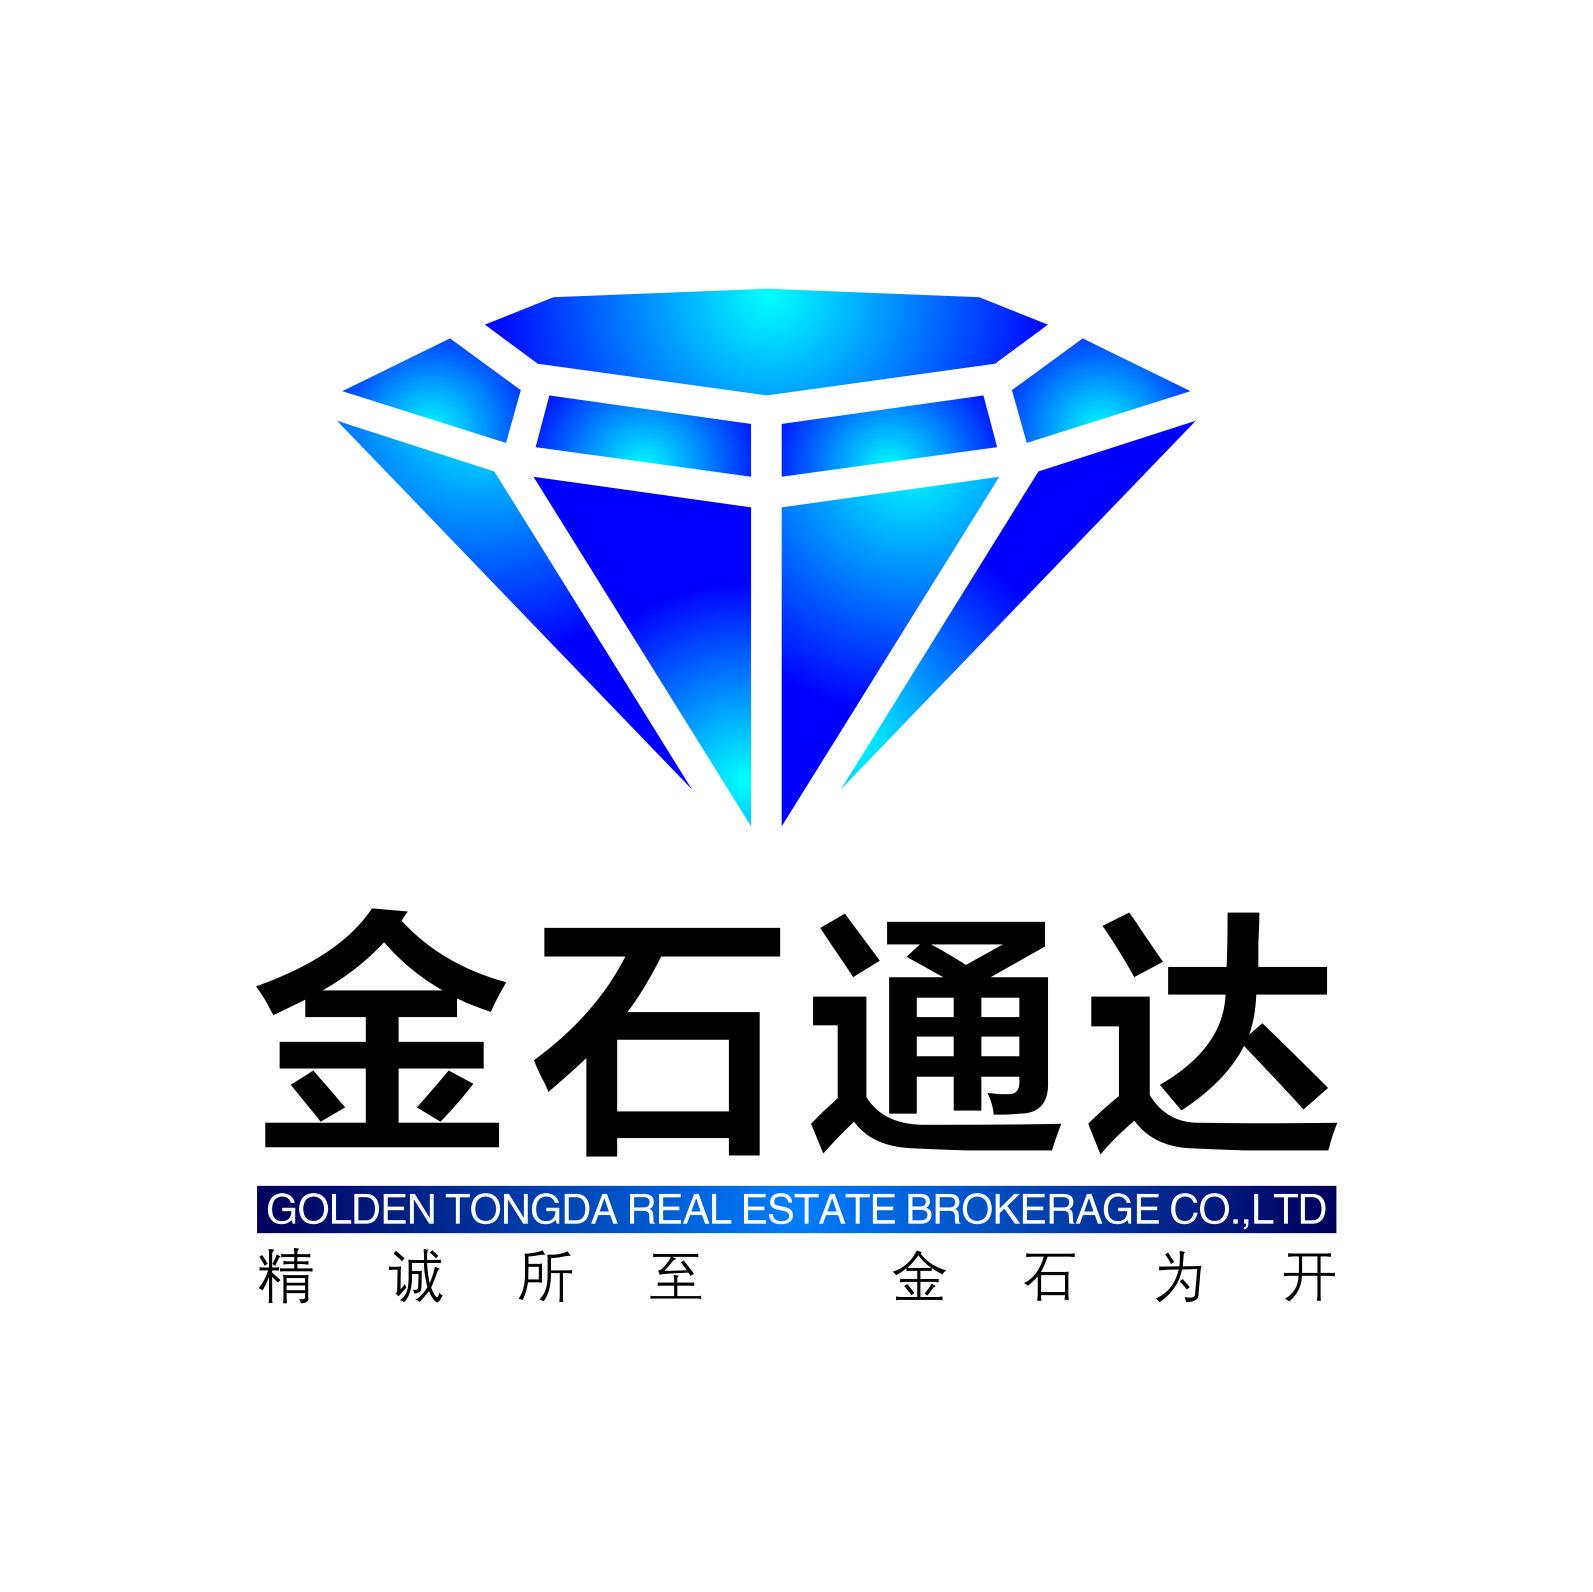 新疆金石通达房地产经纪有限公司